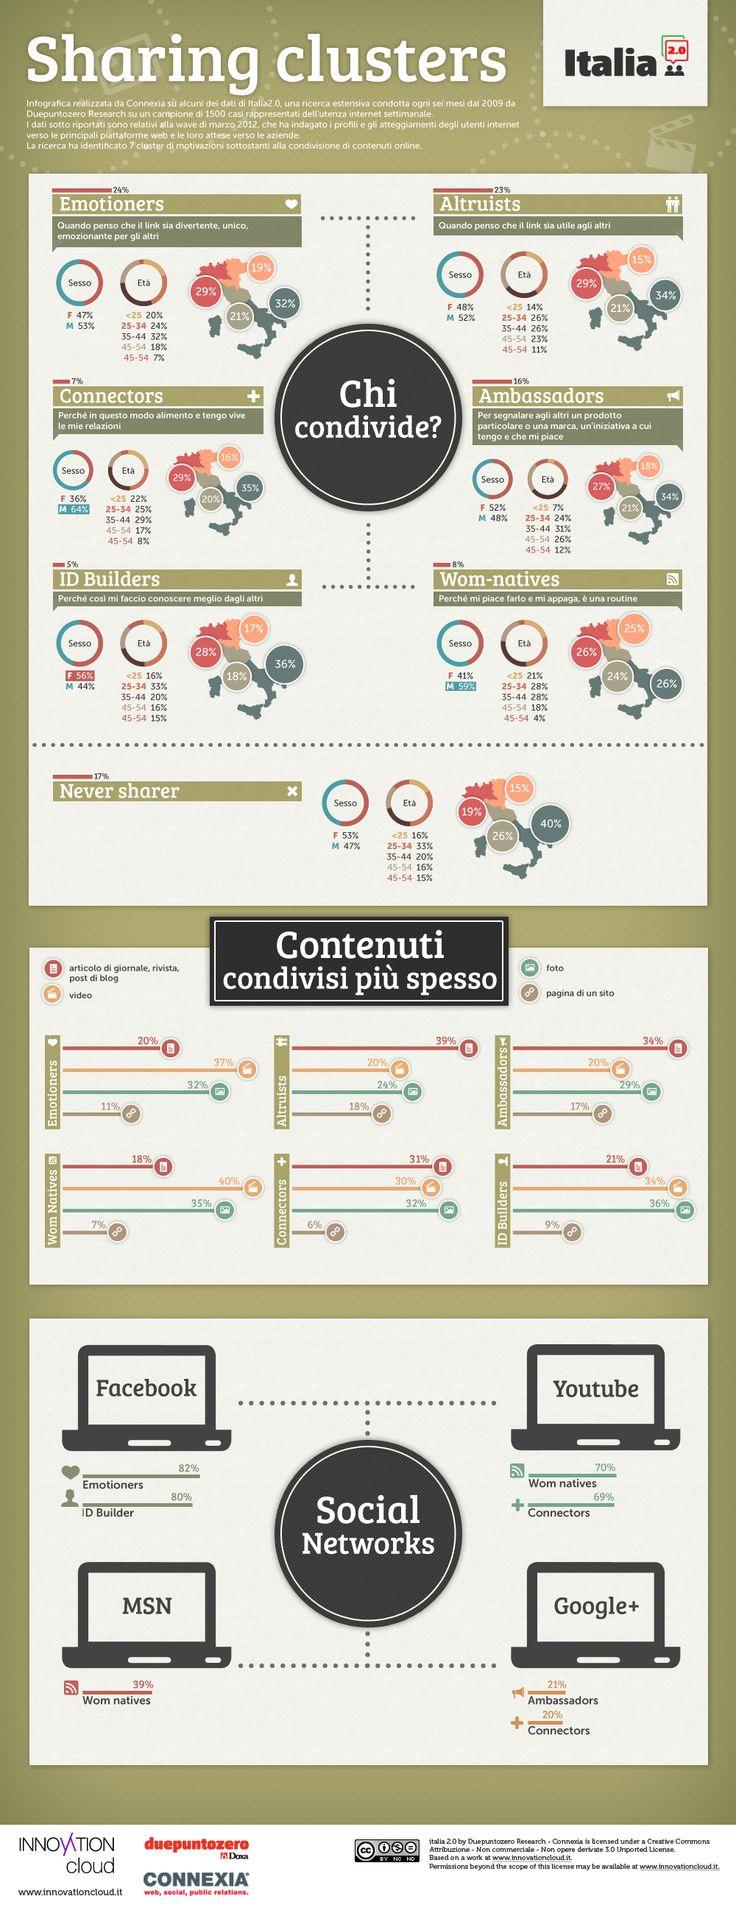 Quali sono i profili e gli atteggiamenti degli utenti che condividono contenuti in Rete in Italia ?